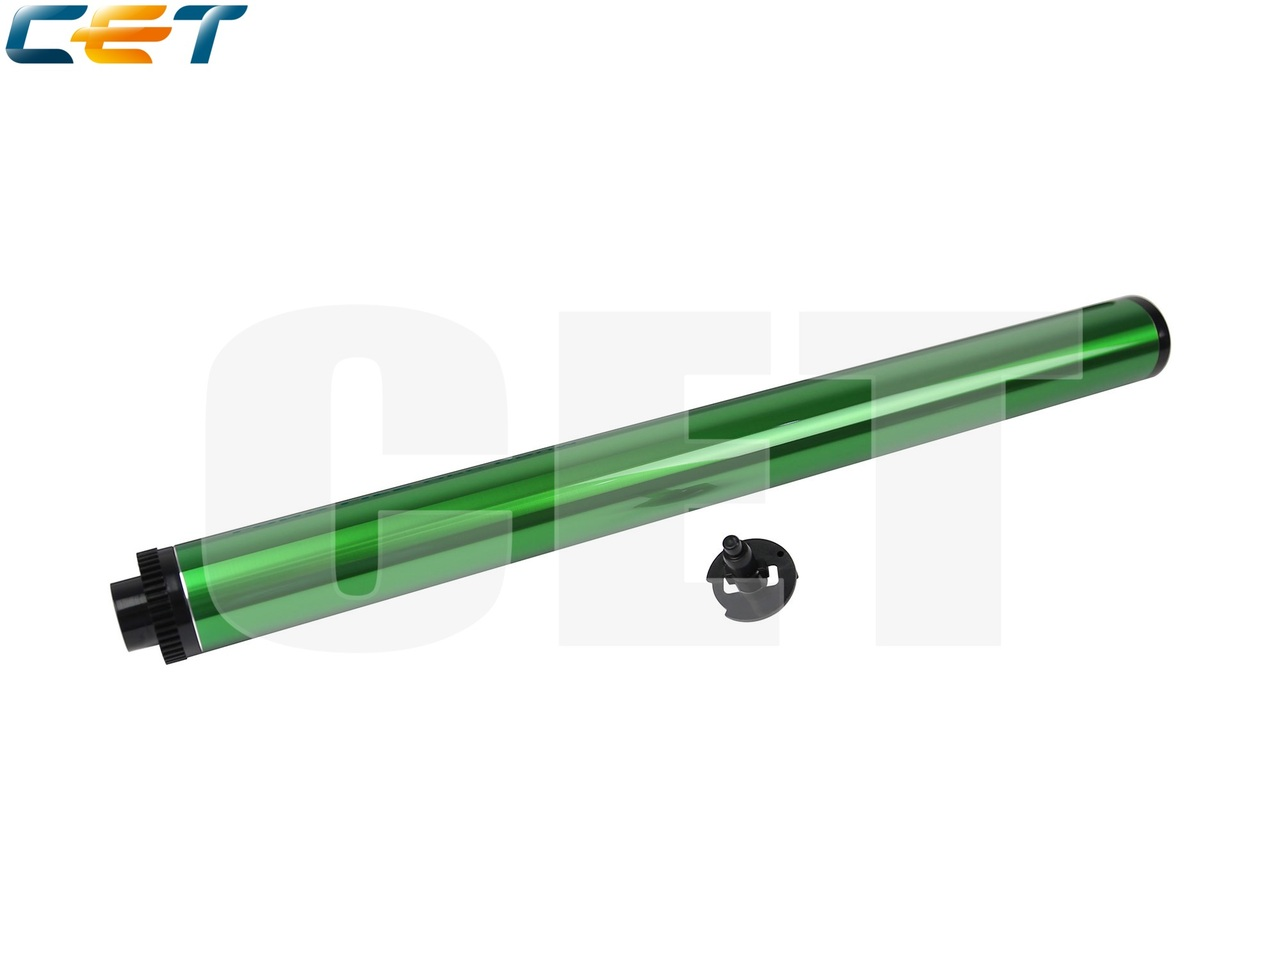 Барабан (Япония) для SHARPAR-M208/M235/M270/M275/M236/M237/M276/M277,MX-M260/M310 (CET), 100000 стр., CET7690